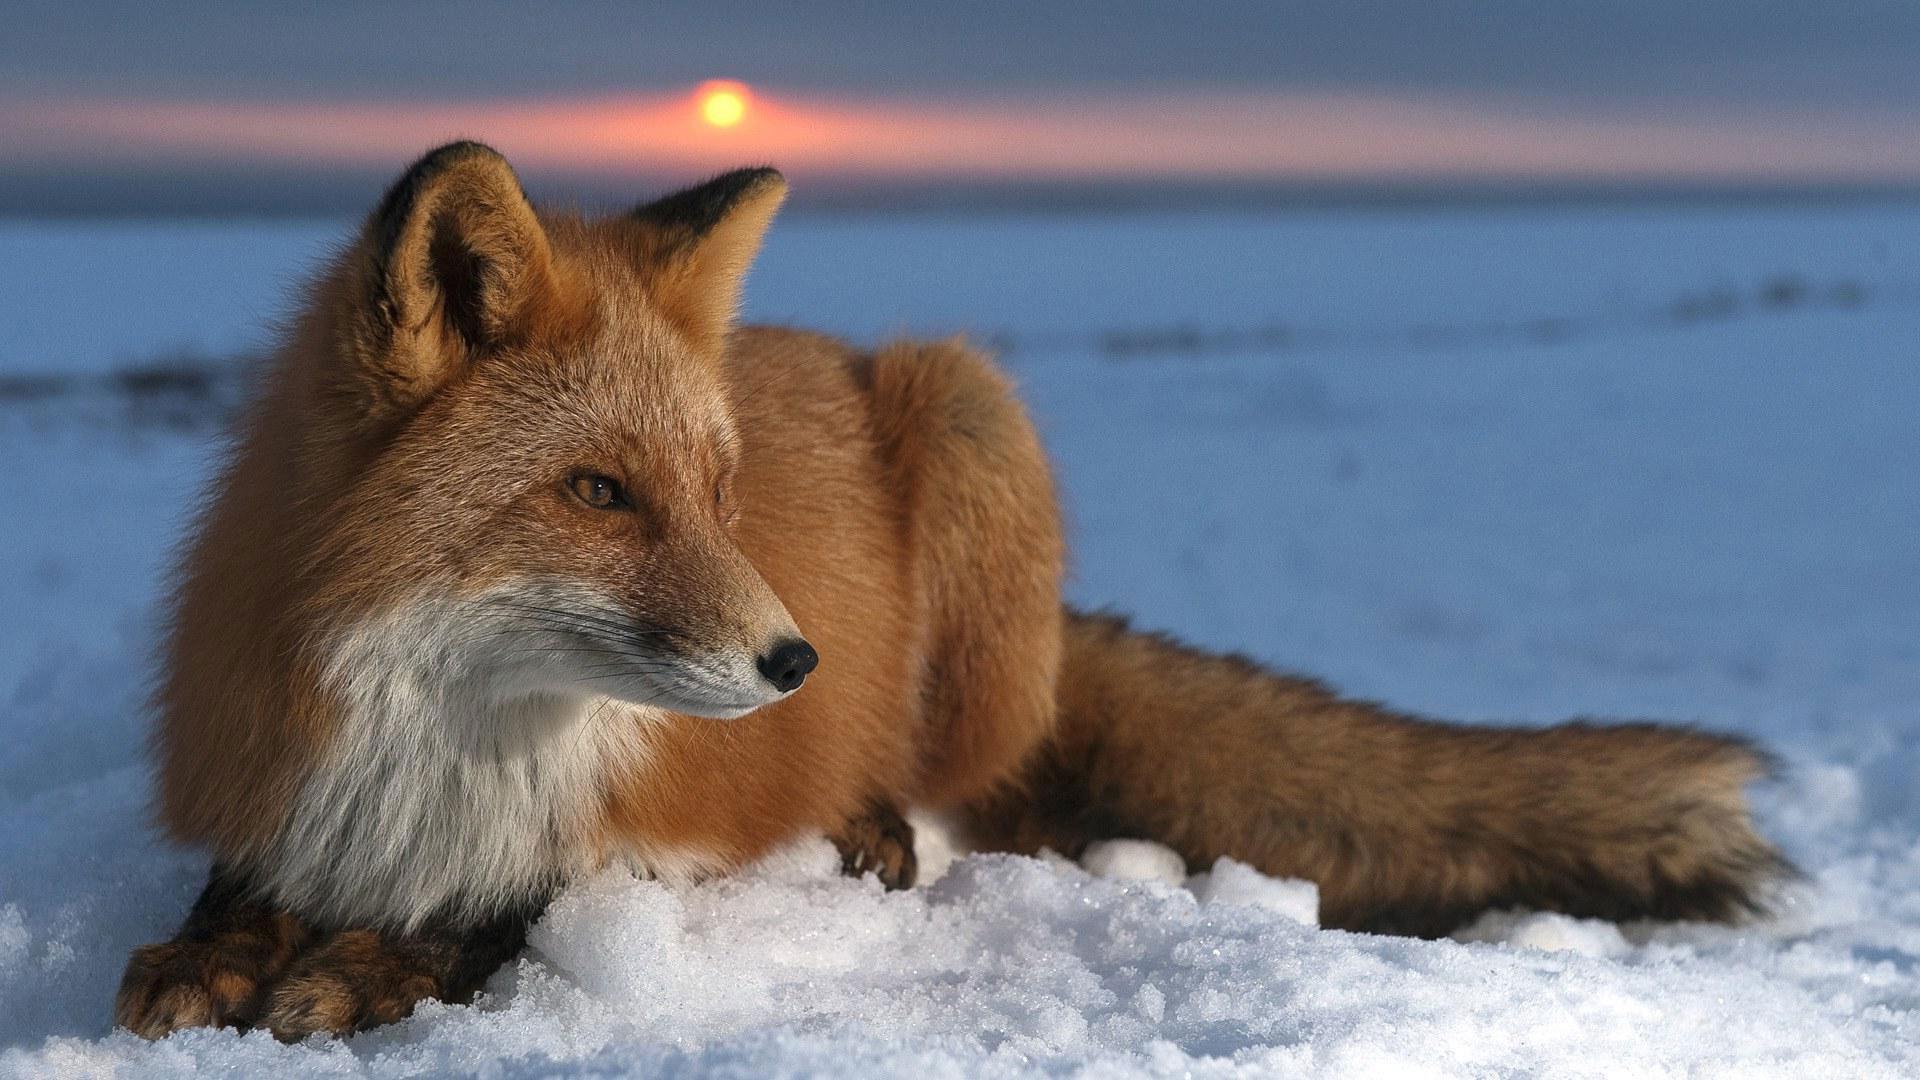 """Предпросмотр схемы вышивки  """"лиса """". лиса, животные, предпросмотр."""